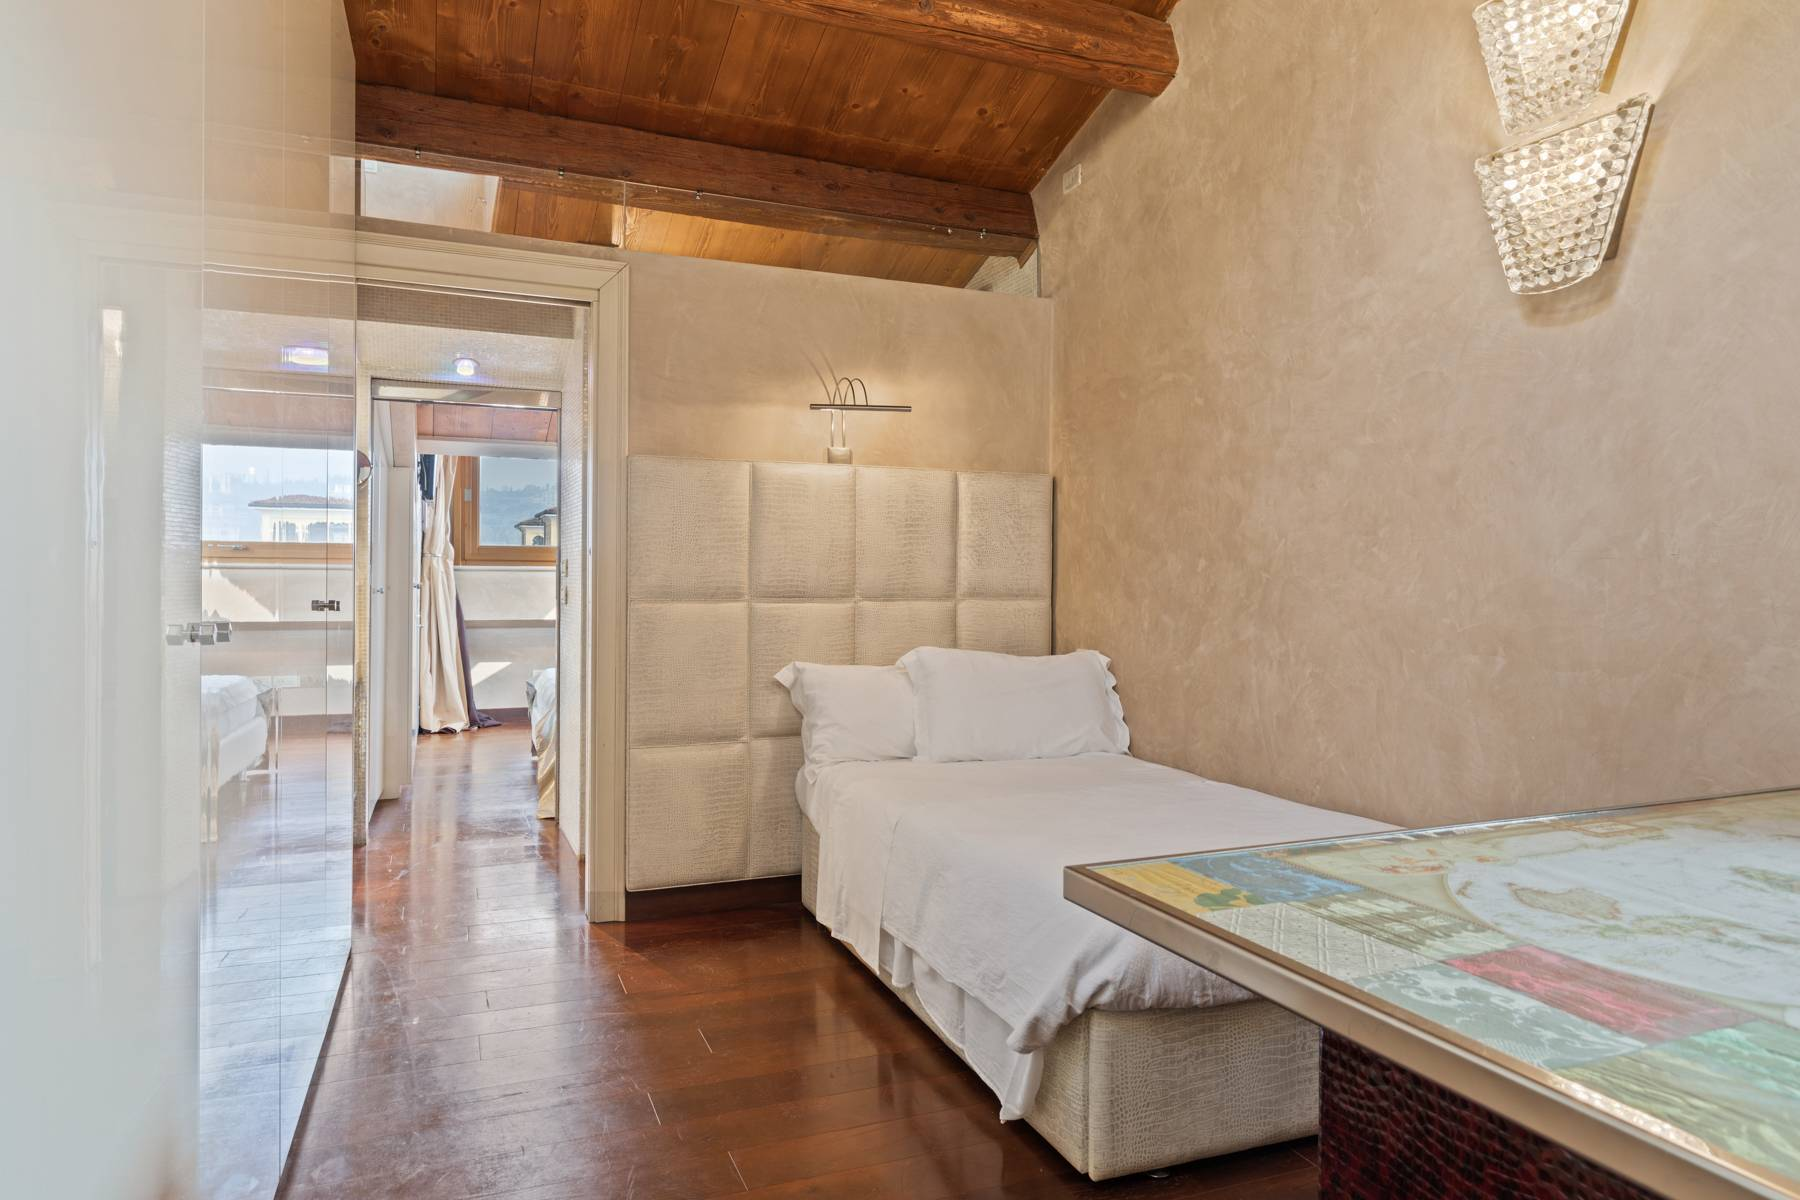 Attico in Vendita a Verona: 5 locali, 184 mq - Foto 14